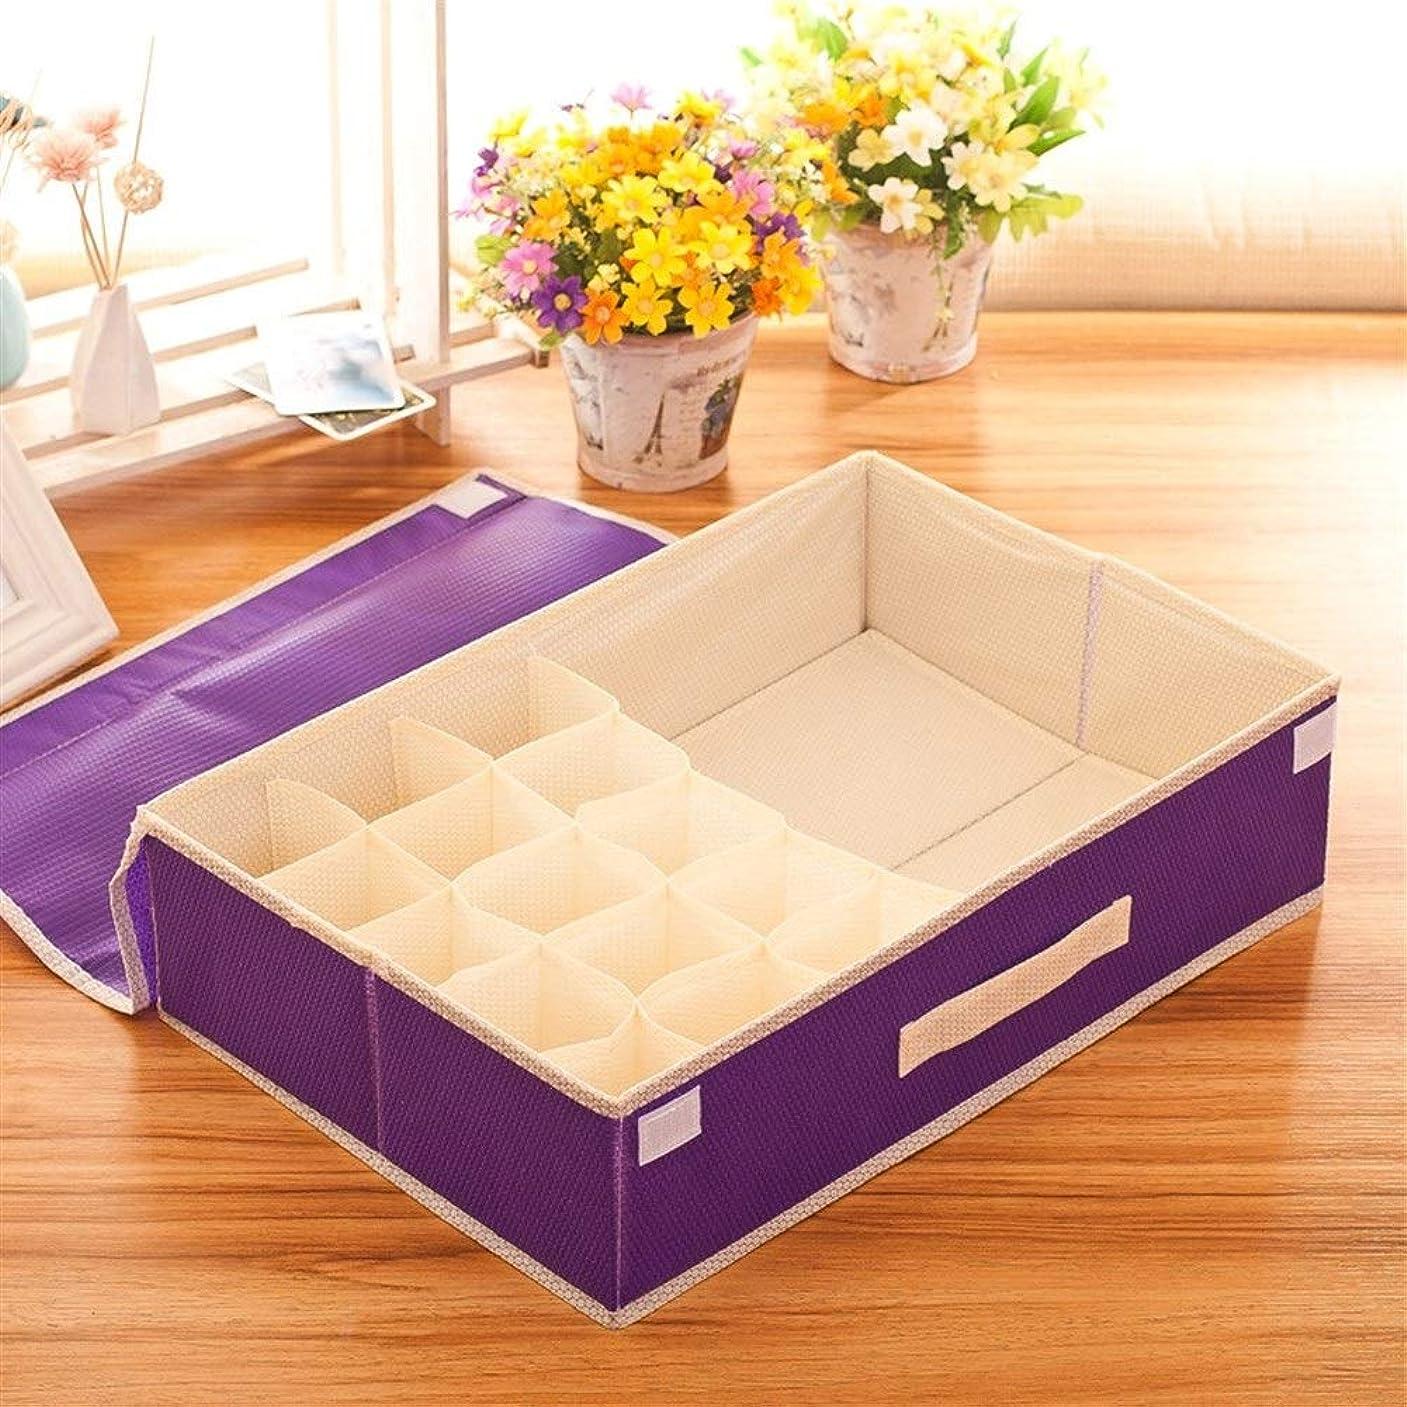 エステート繰り返す満員GMKJ折り畳み式収納袋主催 スクラブ可能なバブルパターン不織布ブラジャーソックスツーインワン折りたたみ下着収納ボックス収納ボックスレディース服収納ボックス家具収納 (色 : Purple)